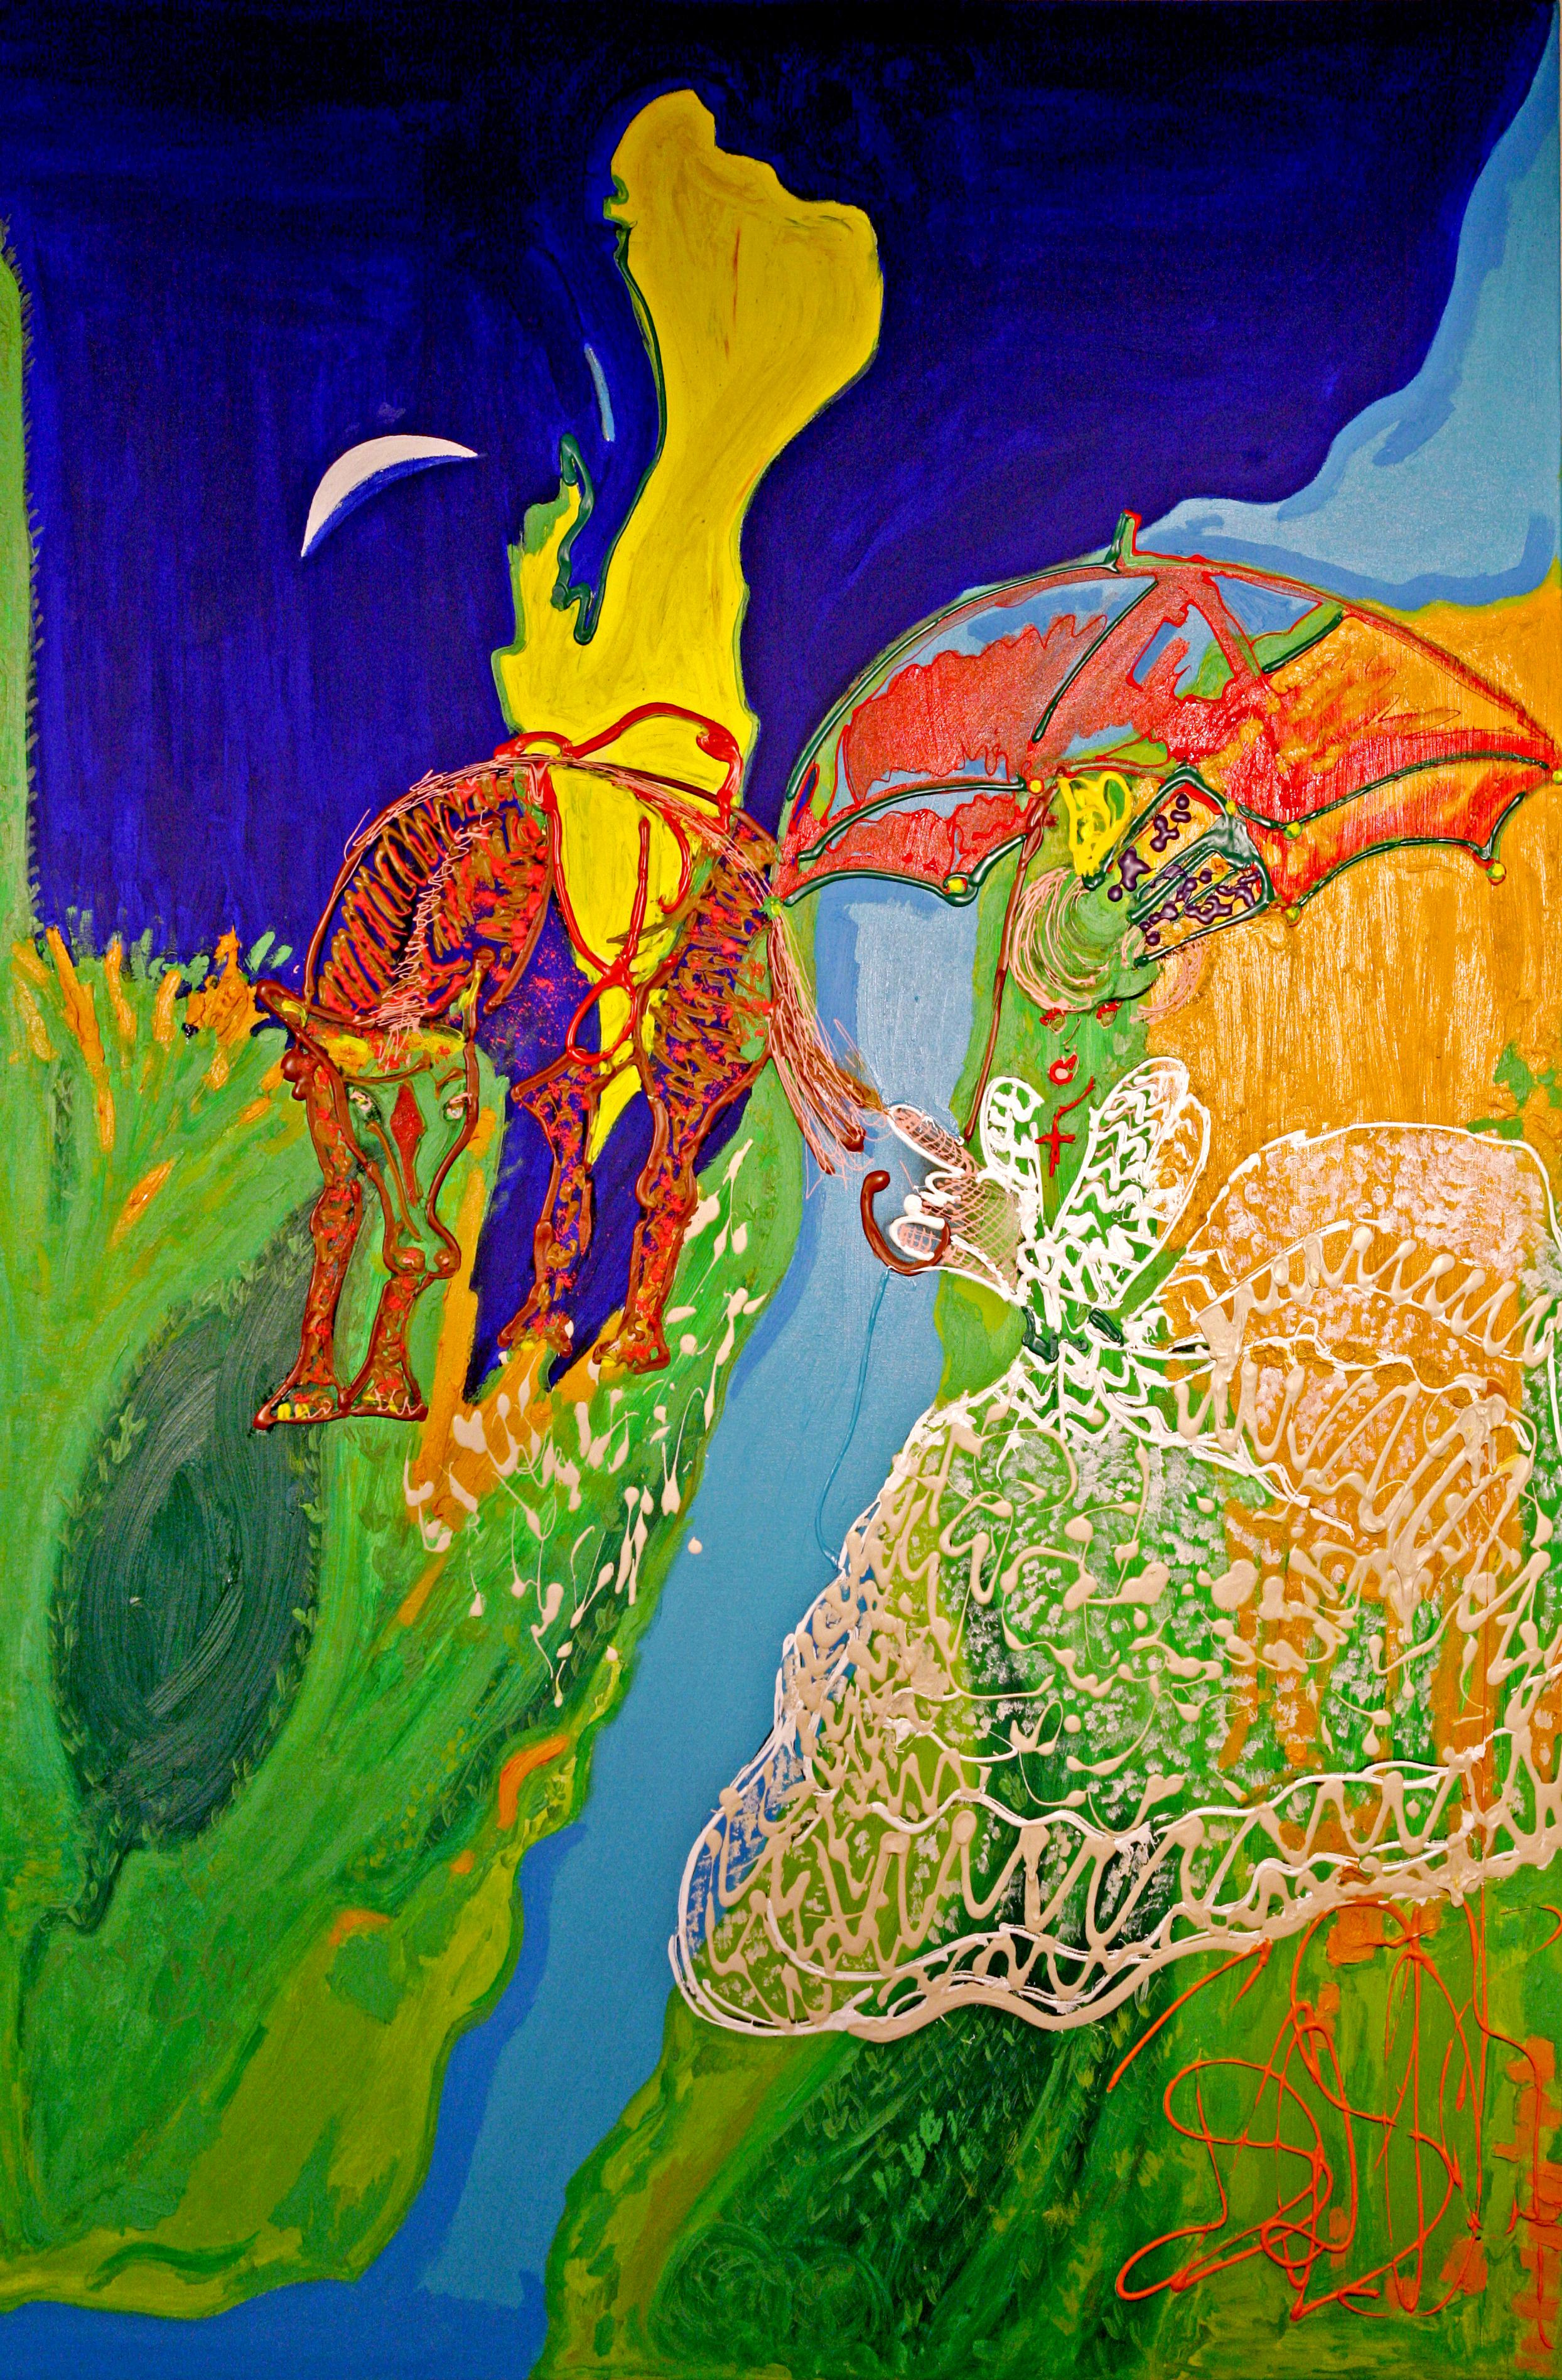 La Mariée Isa Sator Acrylique sur toile 190 x 160